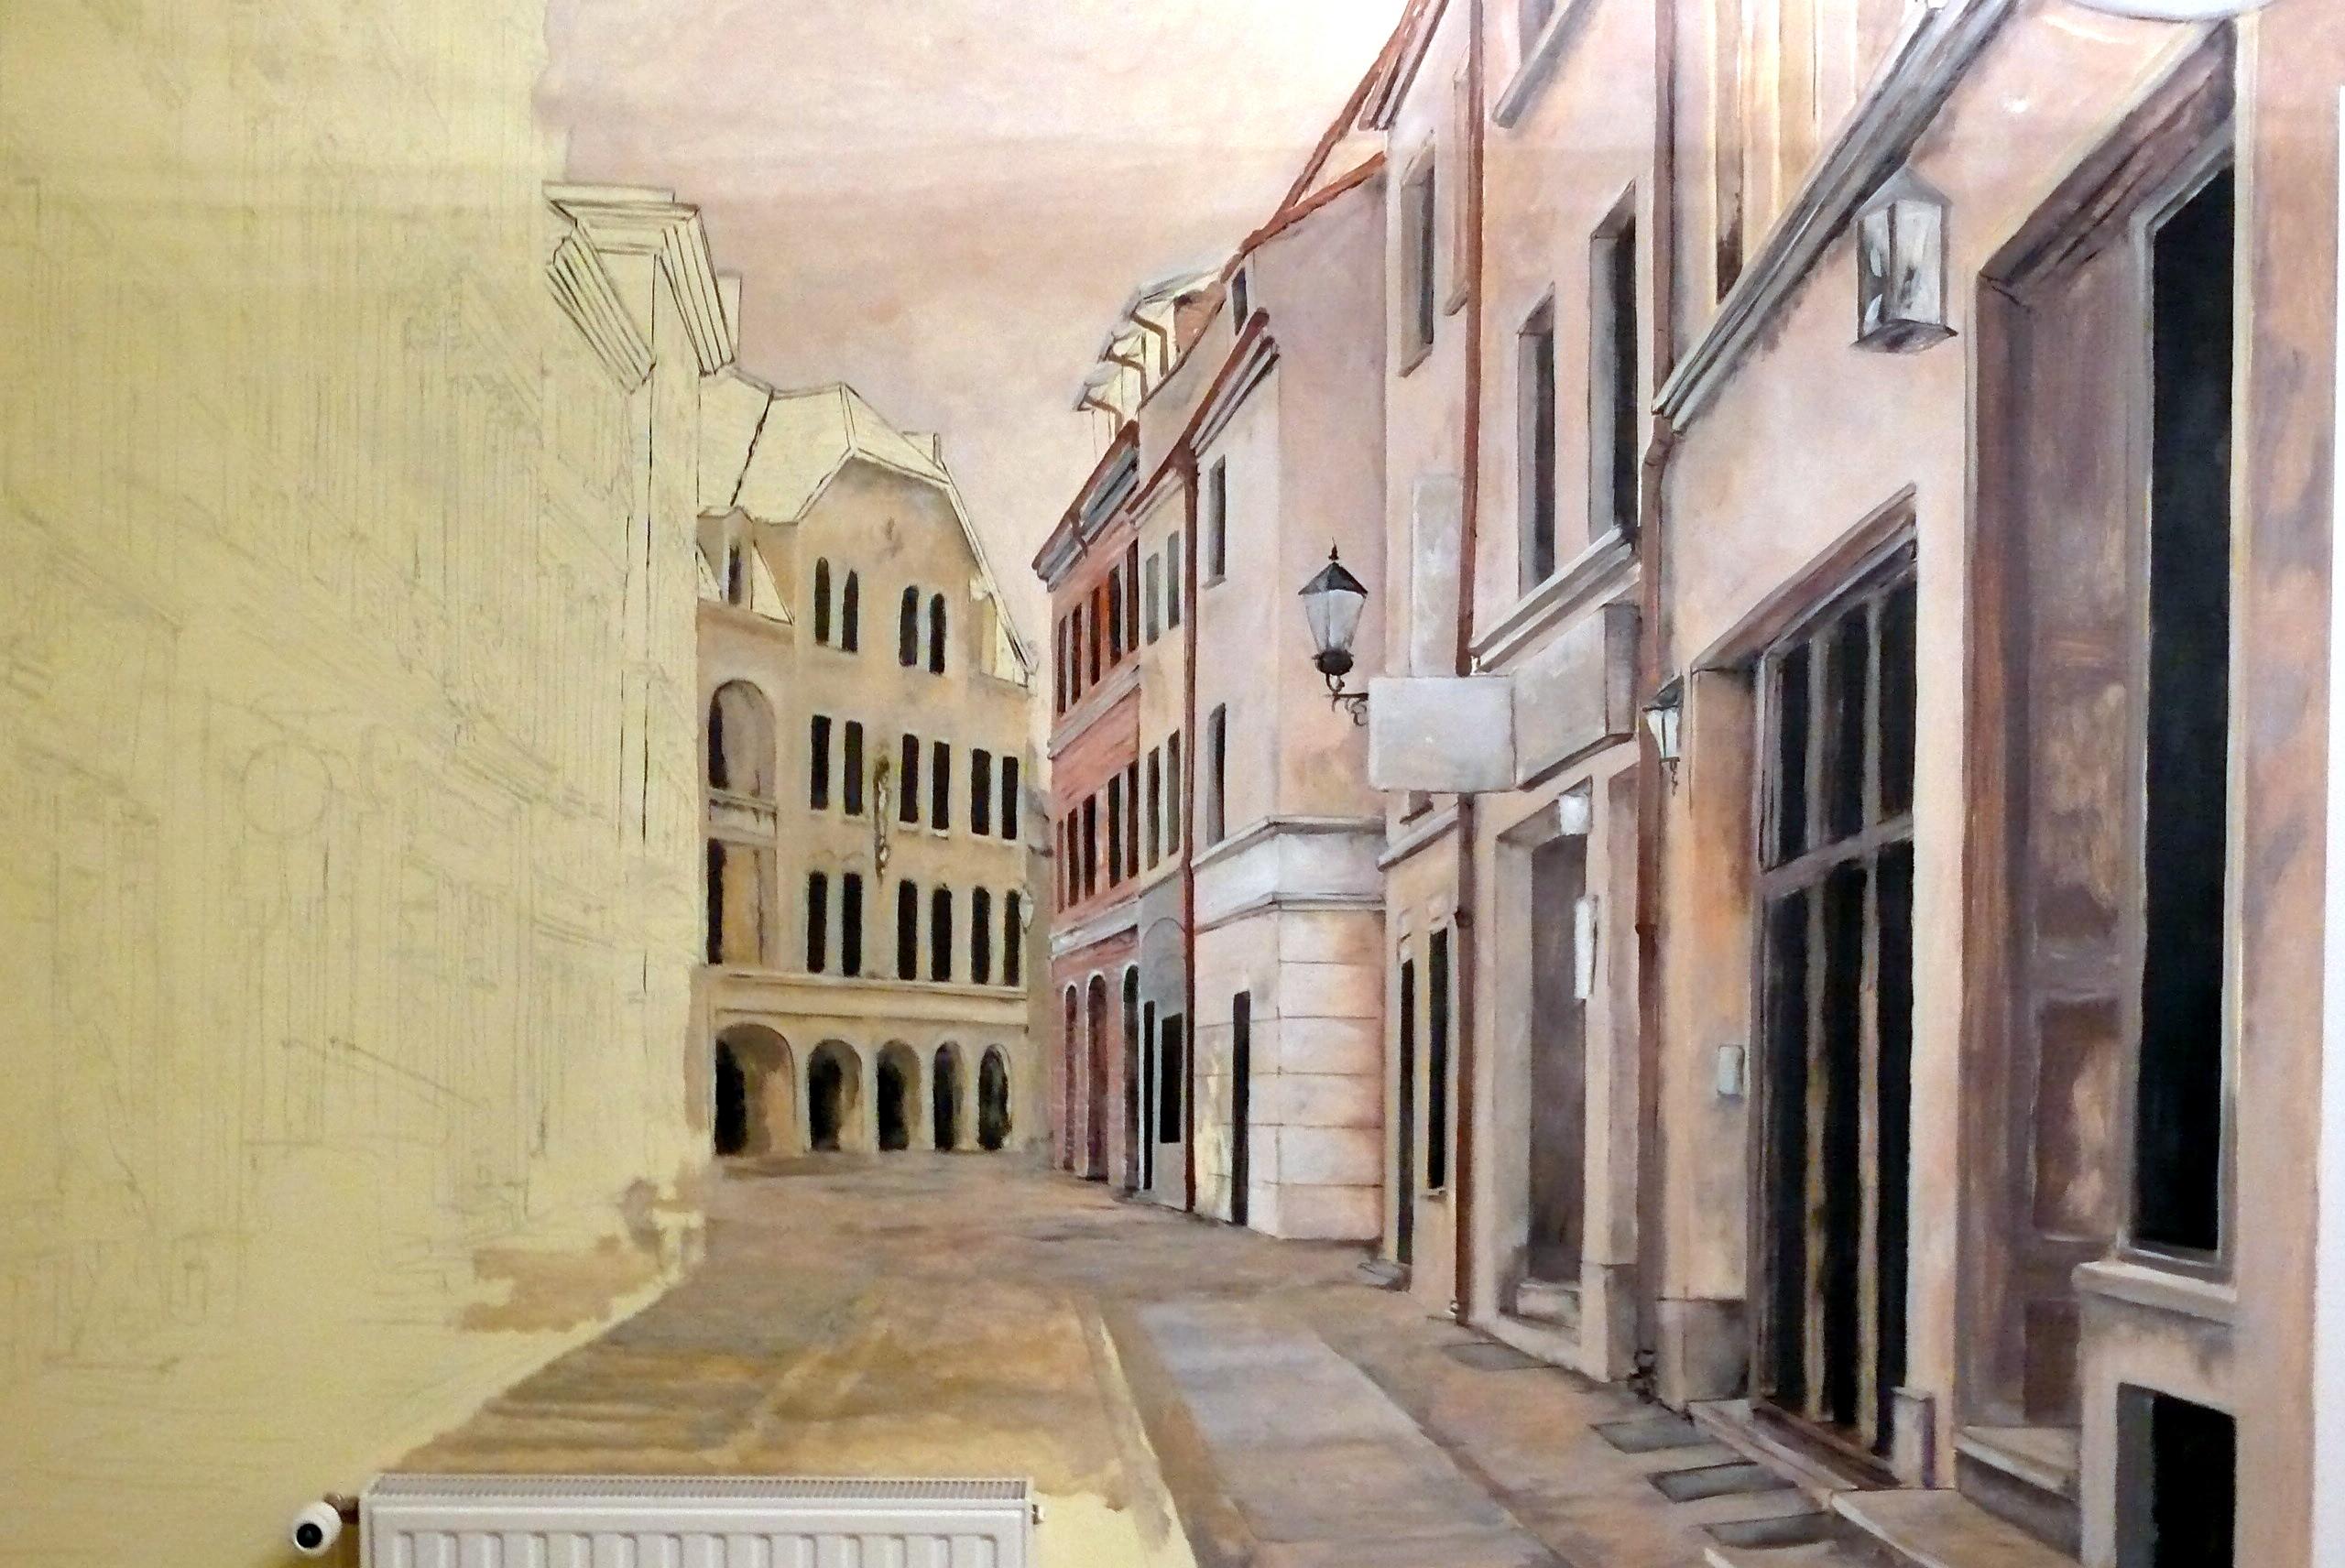 Mural w biurze, aranżacja gabinetu poprzez malowanie